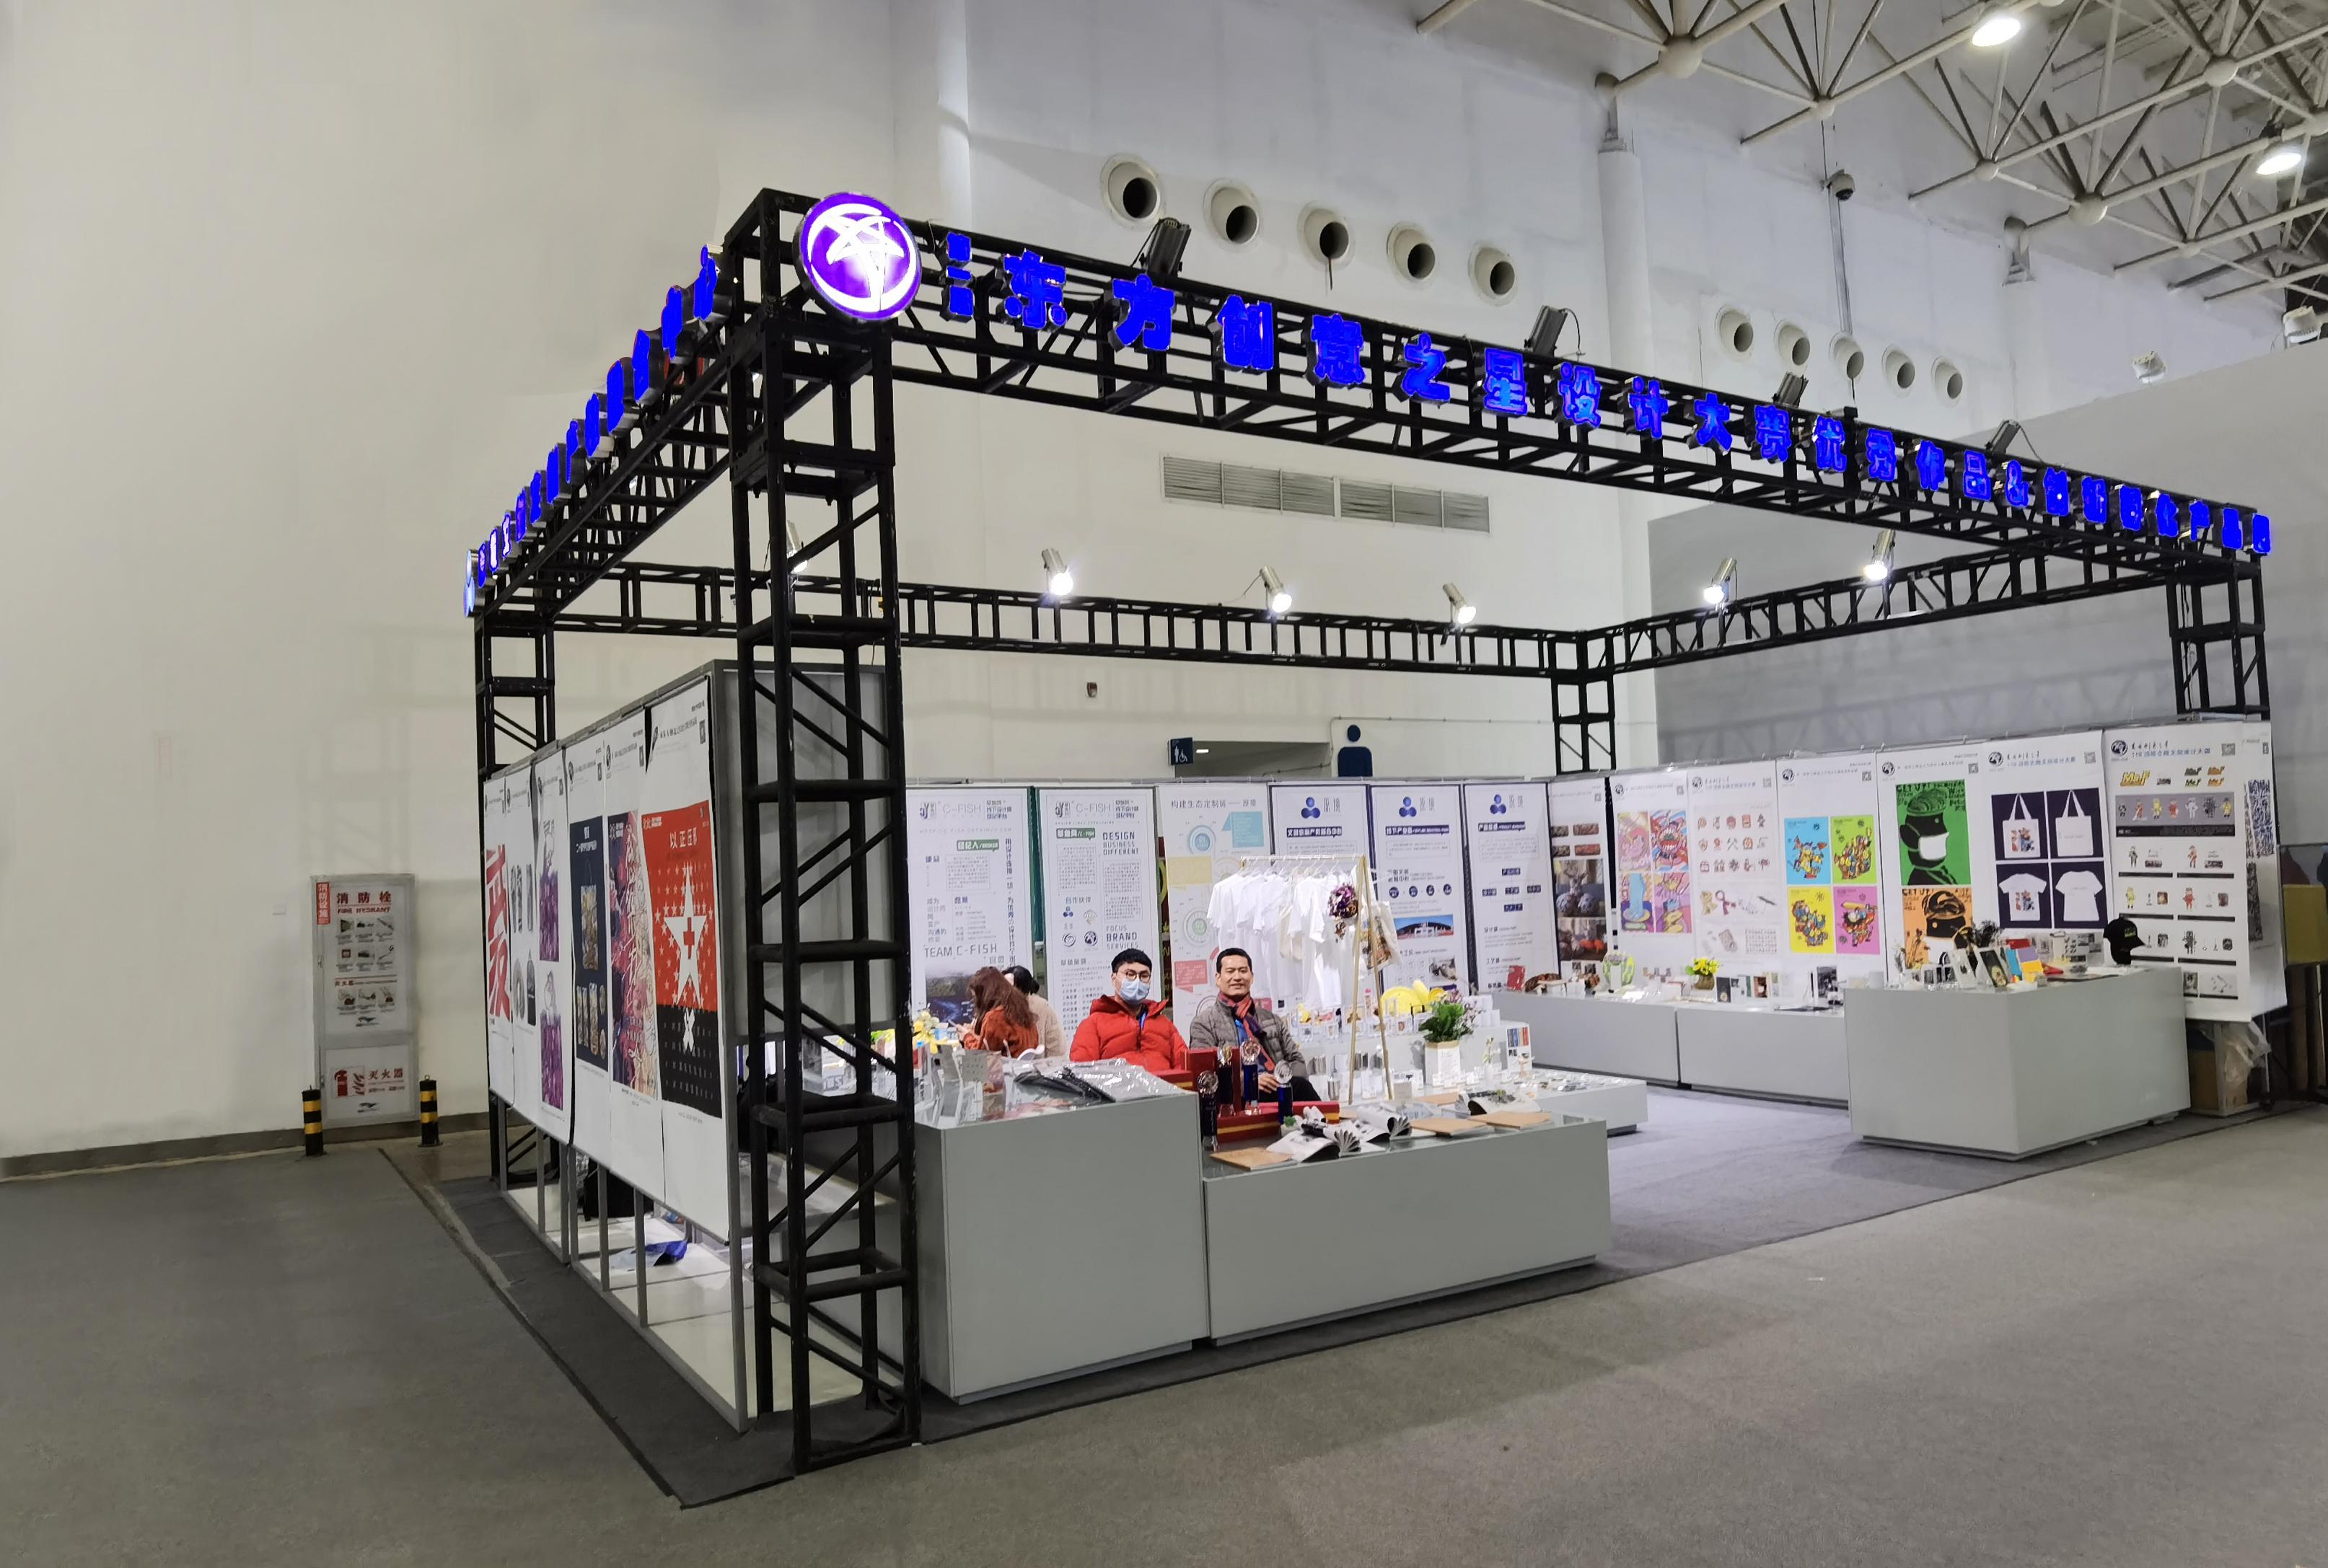 7.大赛优秀孵化作品参展第四届国际工业设计博览会.jpg